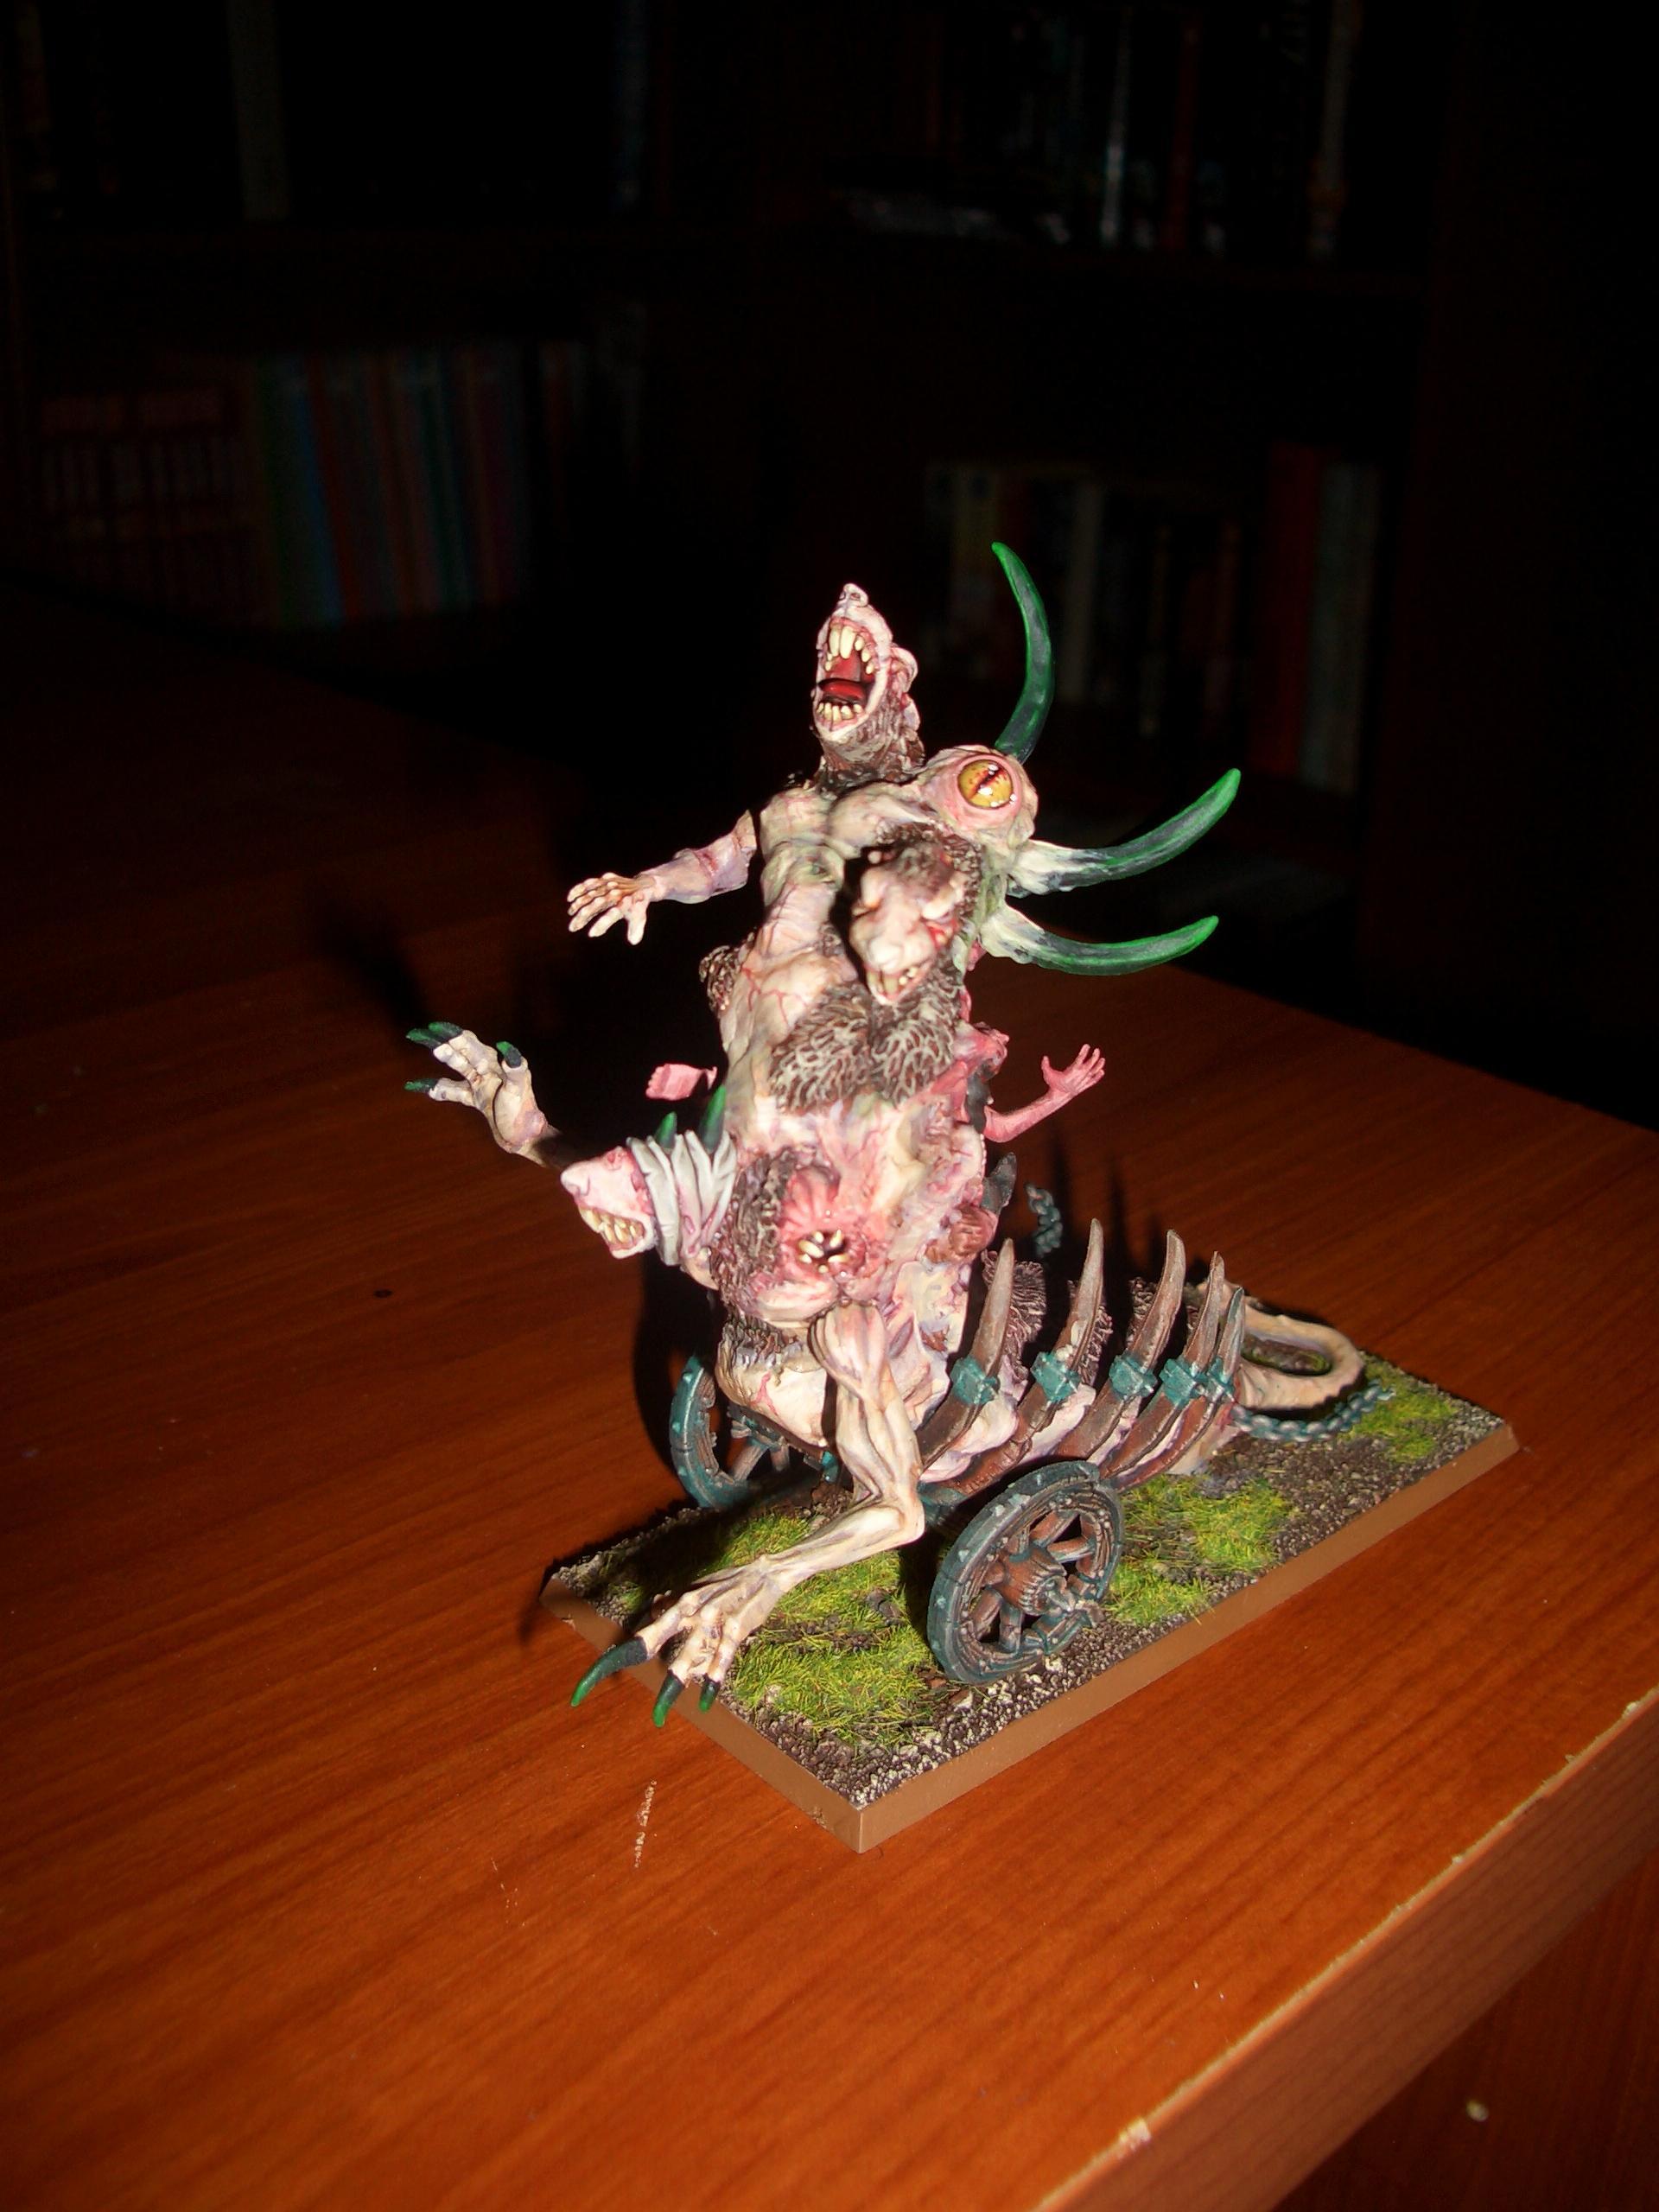 Hellpit Abomination, Skaven, Warhammer Fantasy